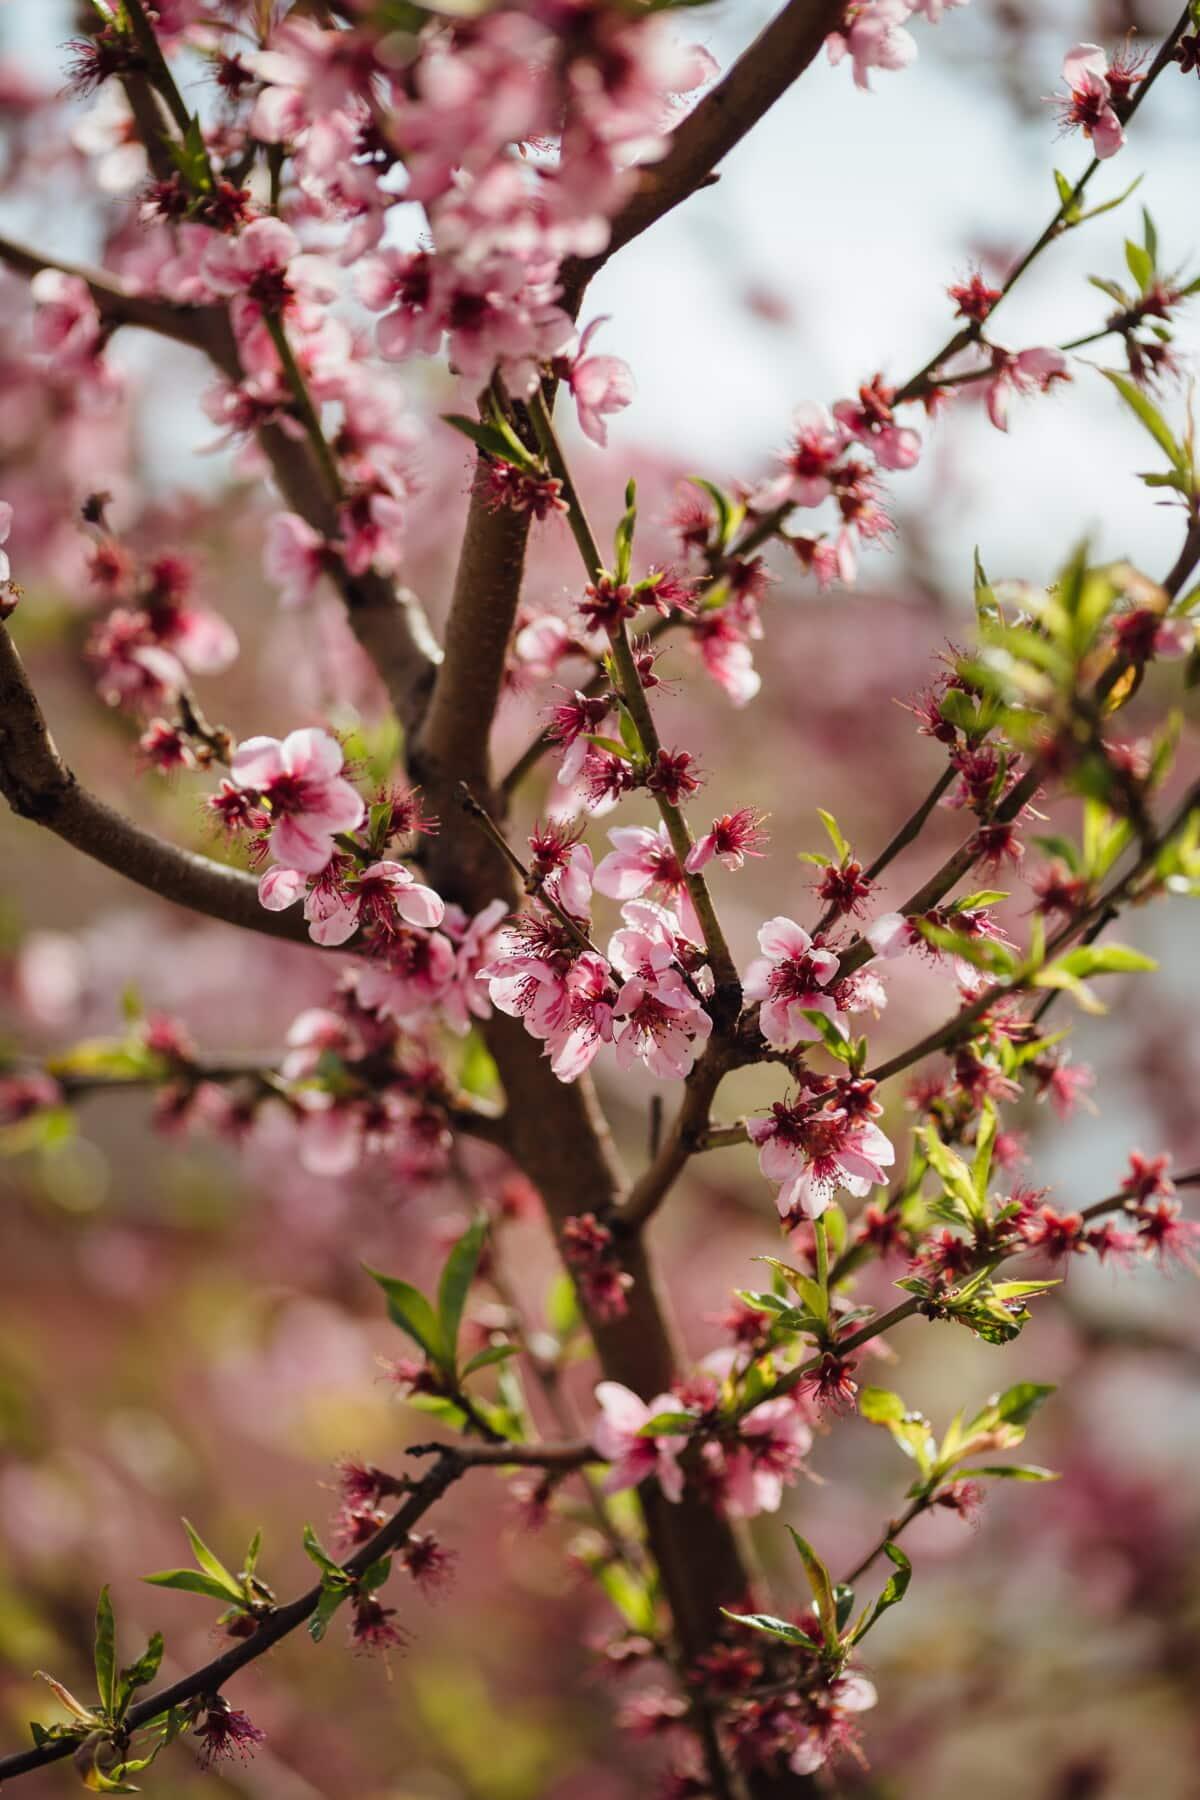 Geäst, Obstbaum, Struktur, Frühling, Pfirsich, Ökologie, Blüte, saisonale, Saison, Kirsche